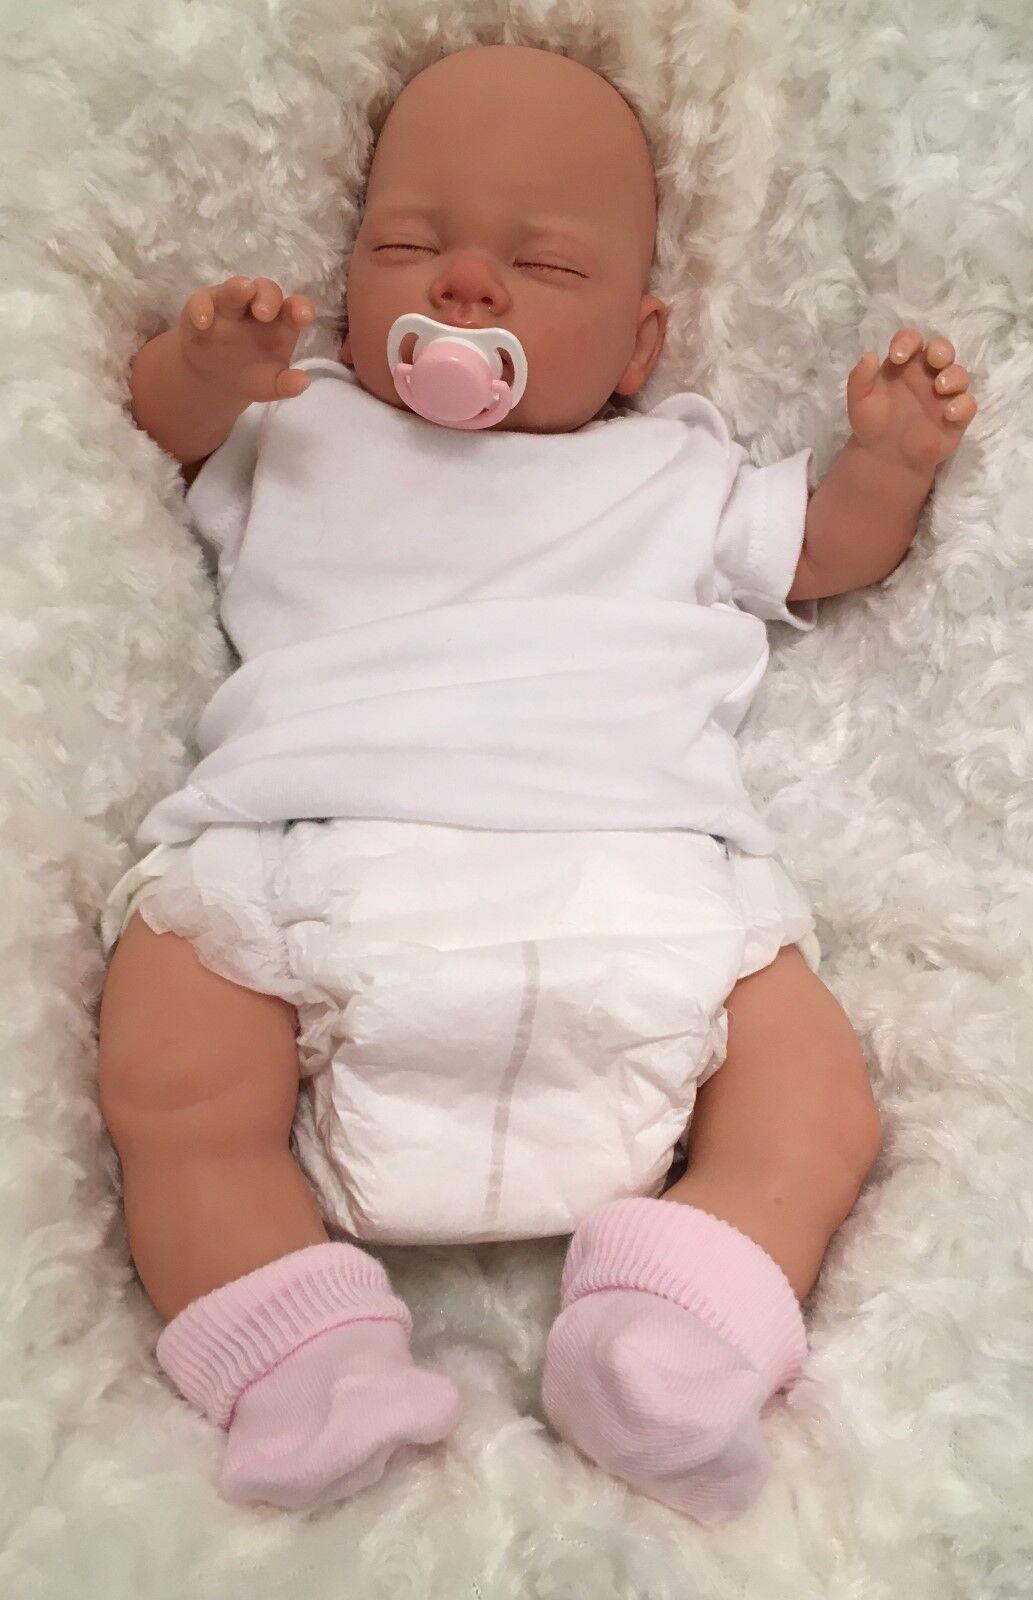 Precio rojoucido muñeca bebé reborn niño amigable Lindo Bebés Recién Nacidos